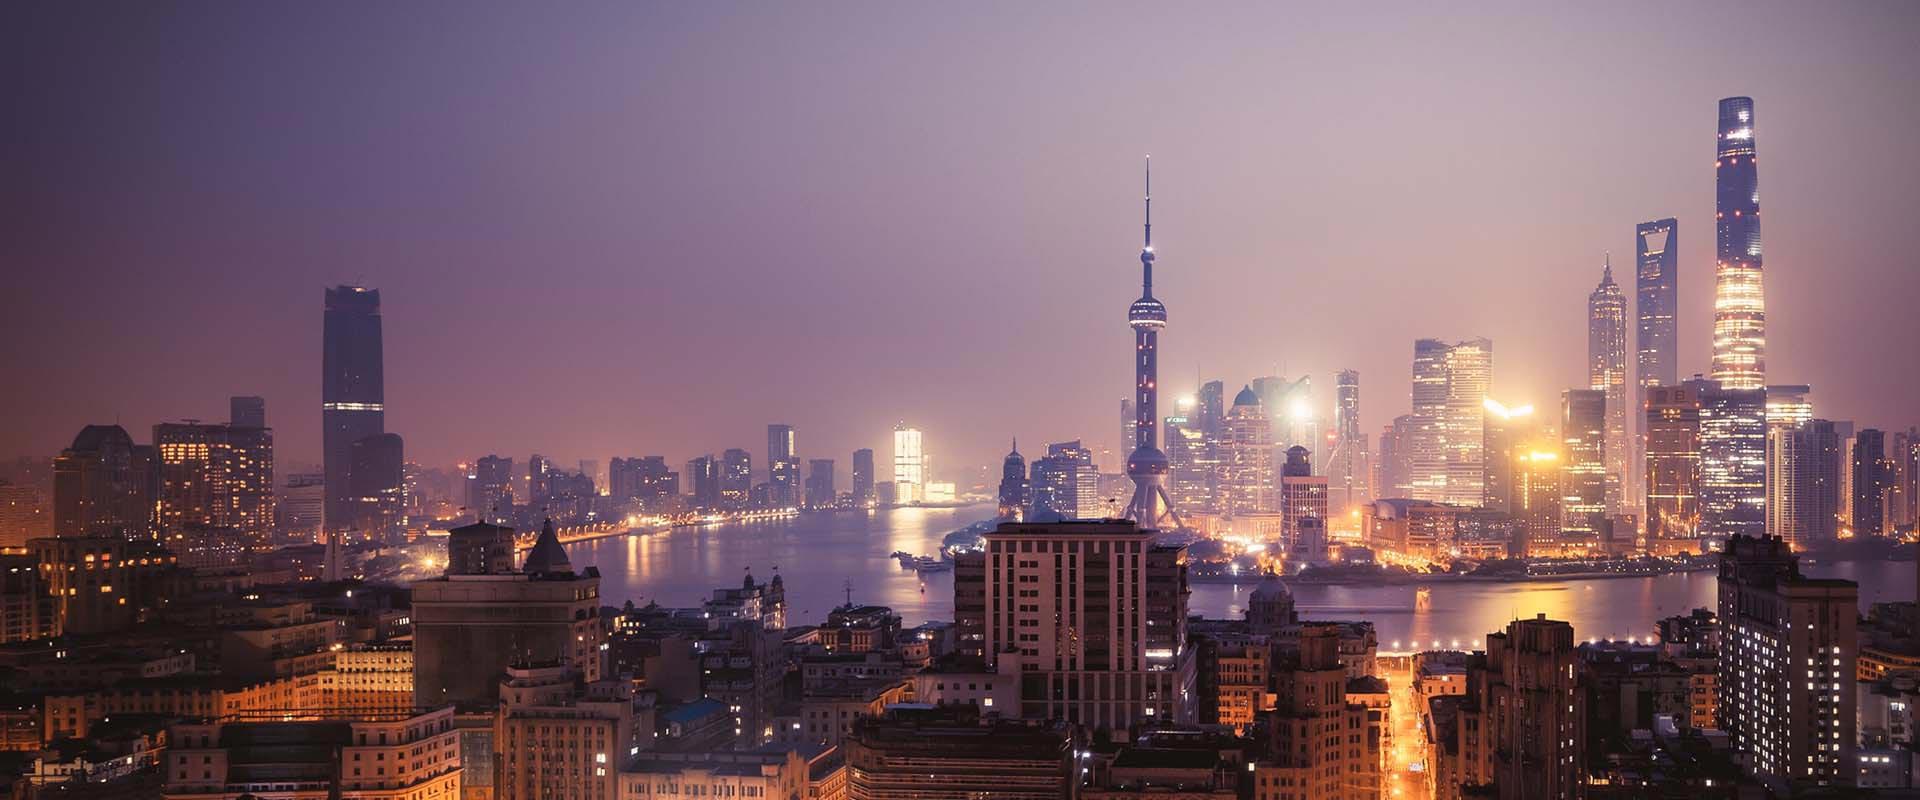 2023年中國公共假期 - PublicHolidays.cn